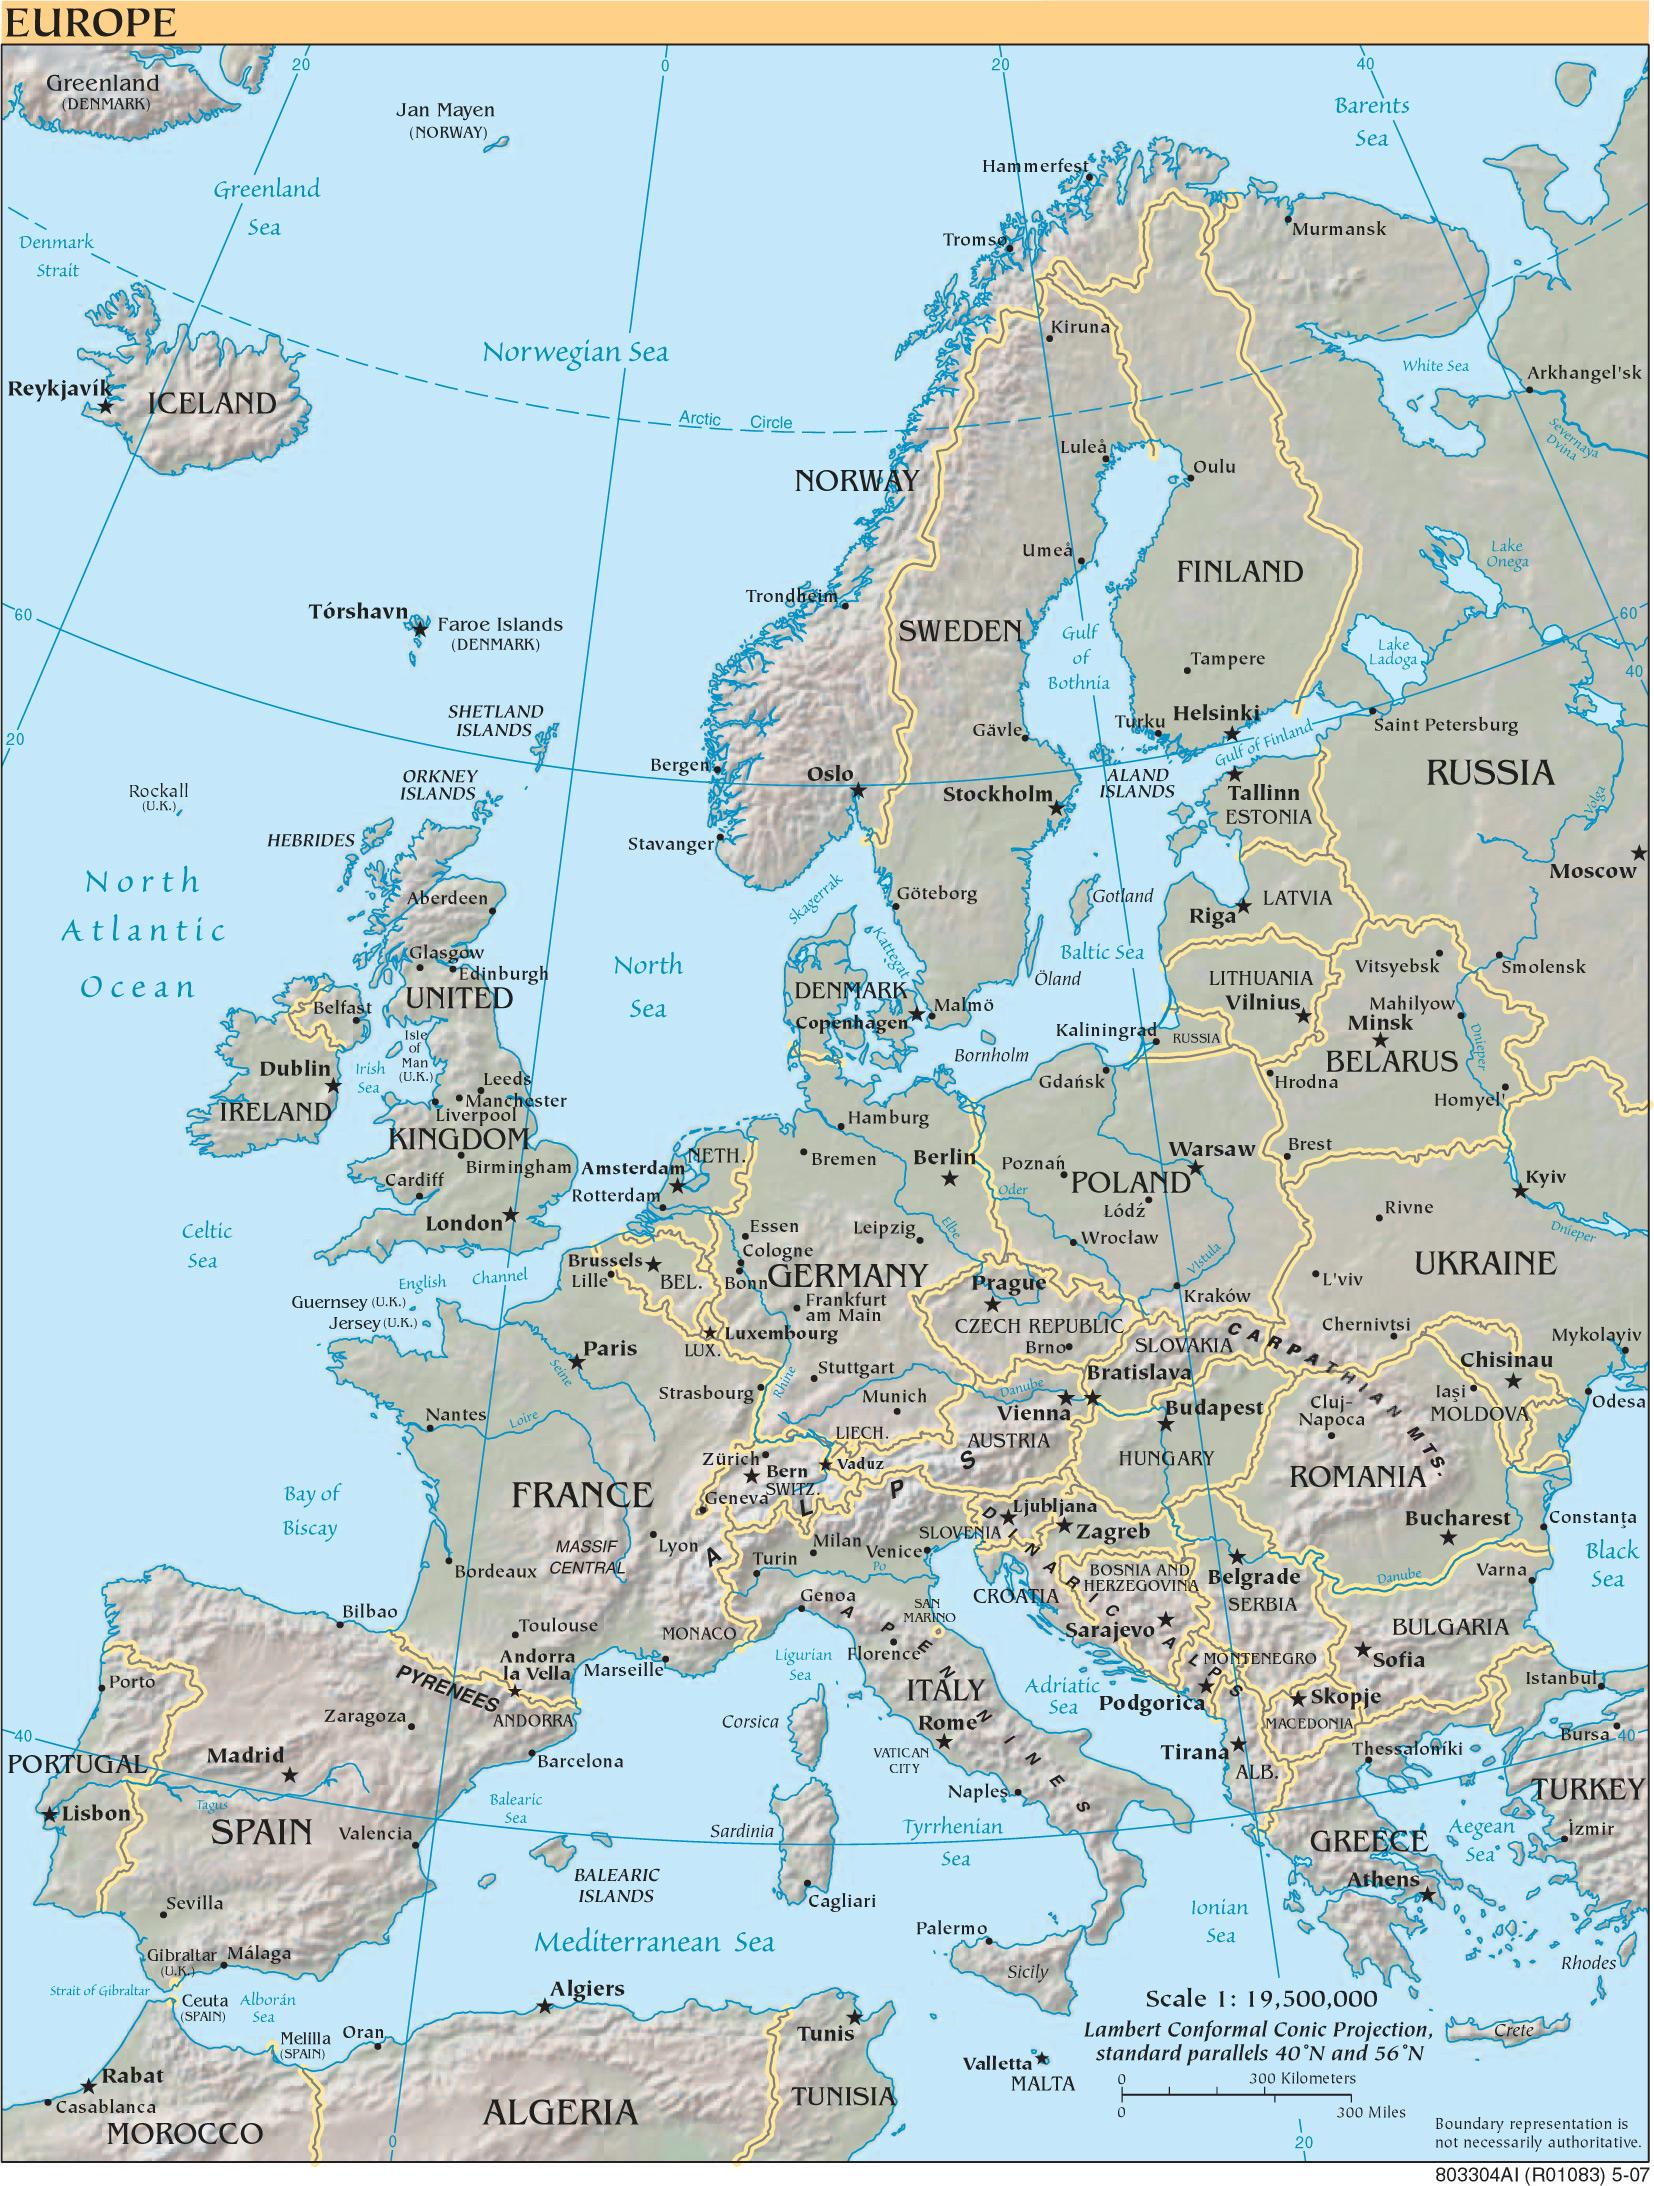 Landkarte Europa - Landkarten Download -> Europakarte ganzes Europakarte Zum Drucken